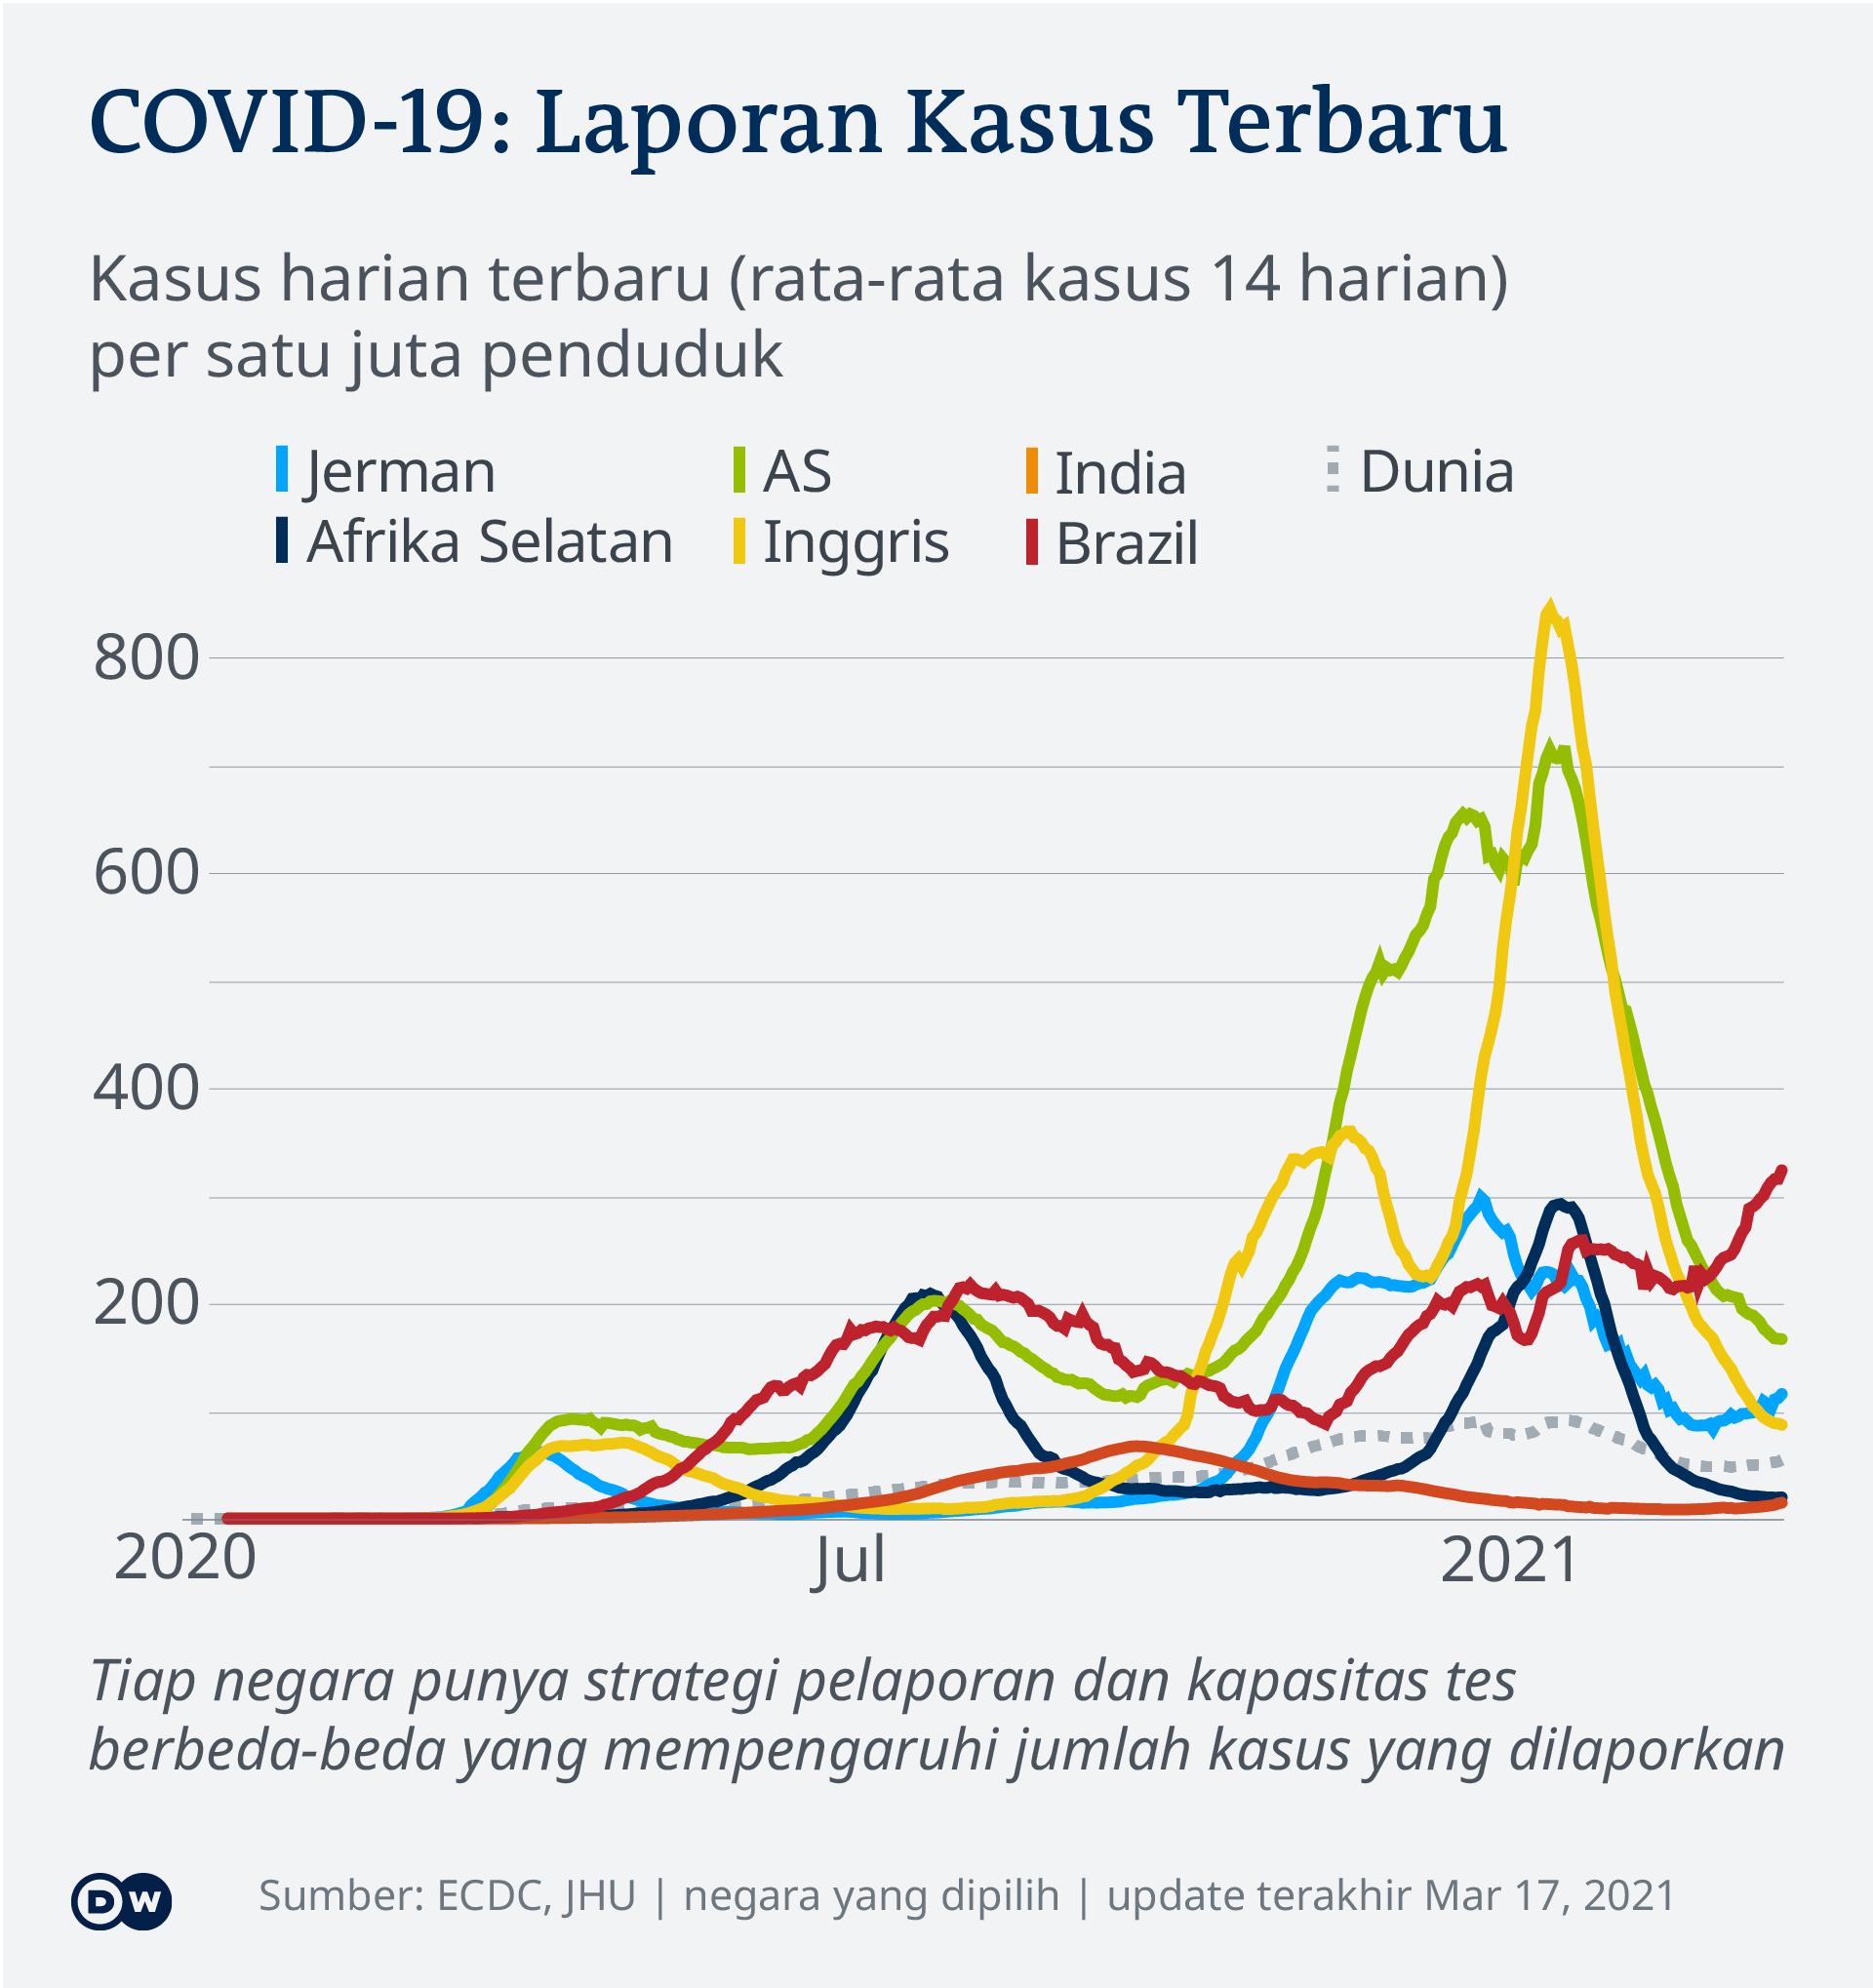 Data kasus harian terbaru COVID-19 di sejumlah negara tiap satu juta penduduk, per 17 Maret 2021